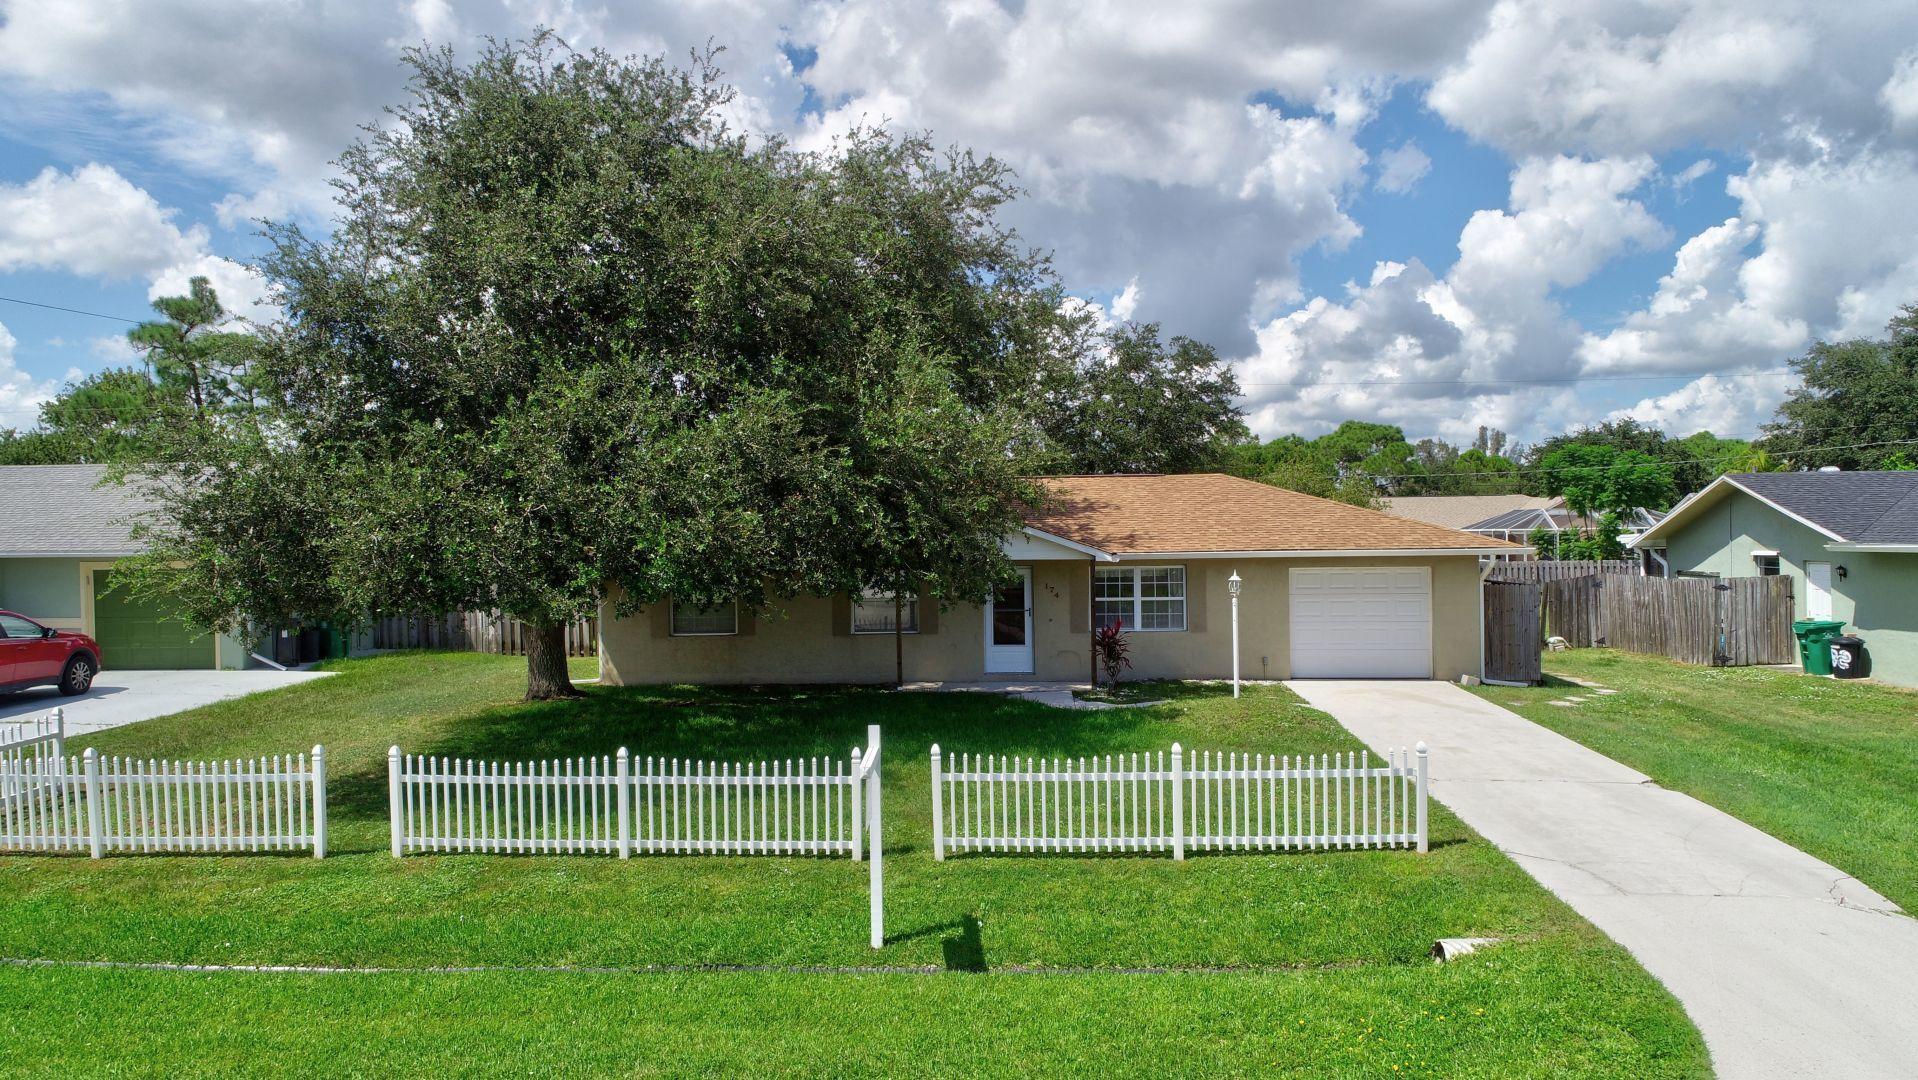 174 Nw Peach Street, Port Saint Lucie, FL 34983